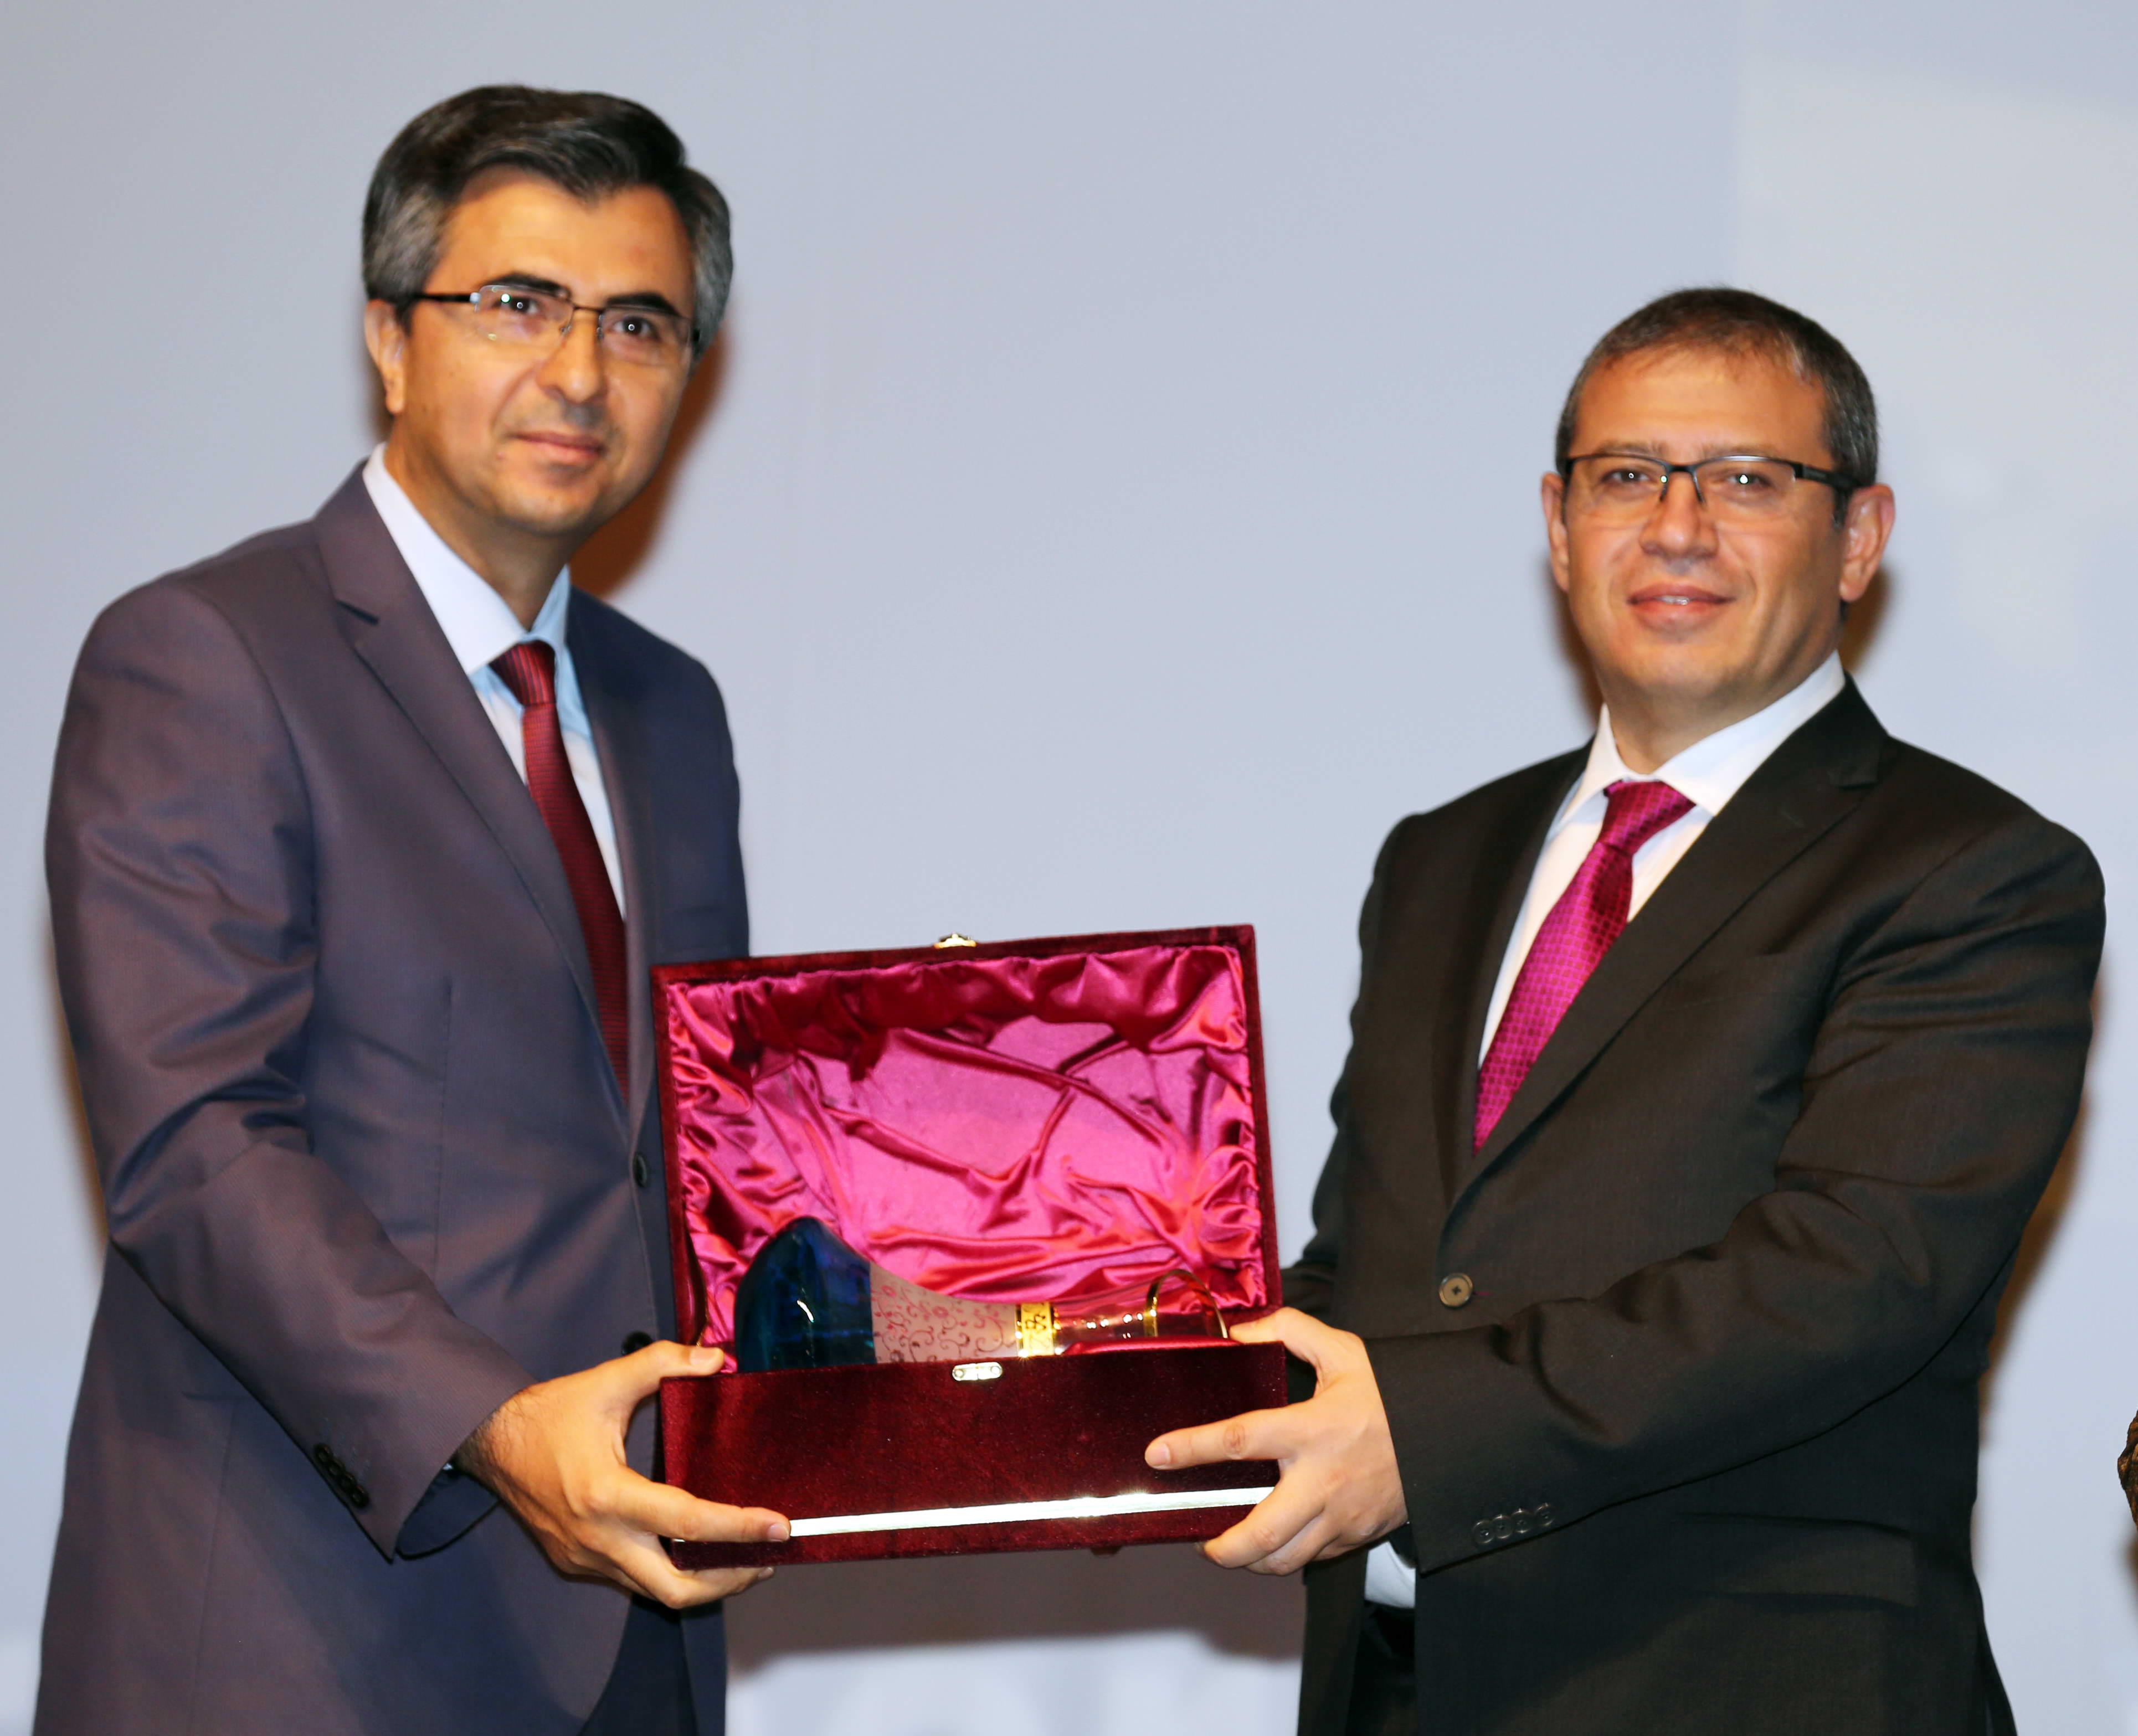 GAÜN'DE 2. ULUSLARARASI ENERJİ VE MÜHENDİSLİK KONFERANSI -  (3)